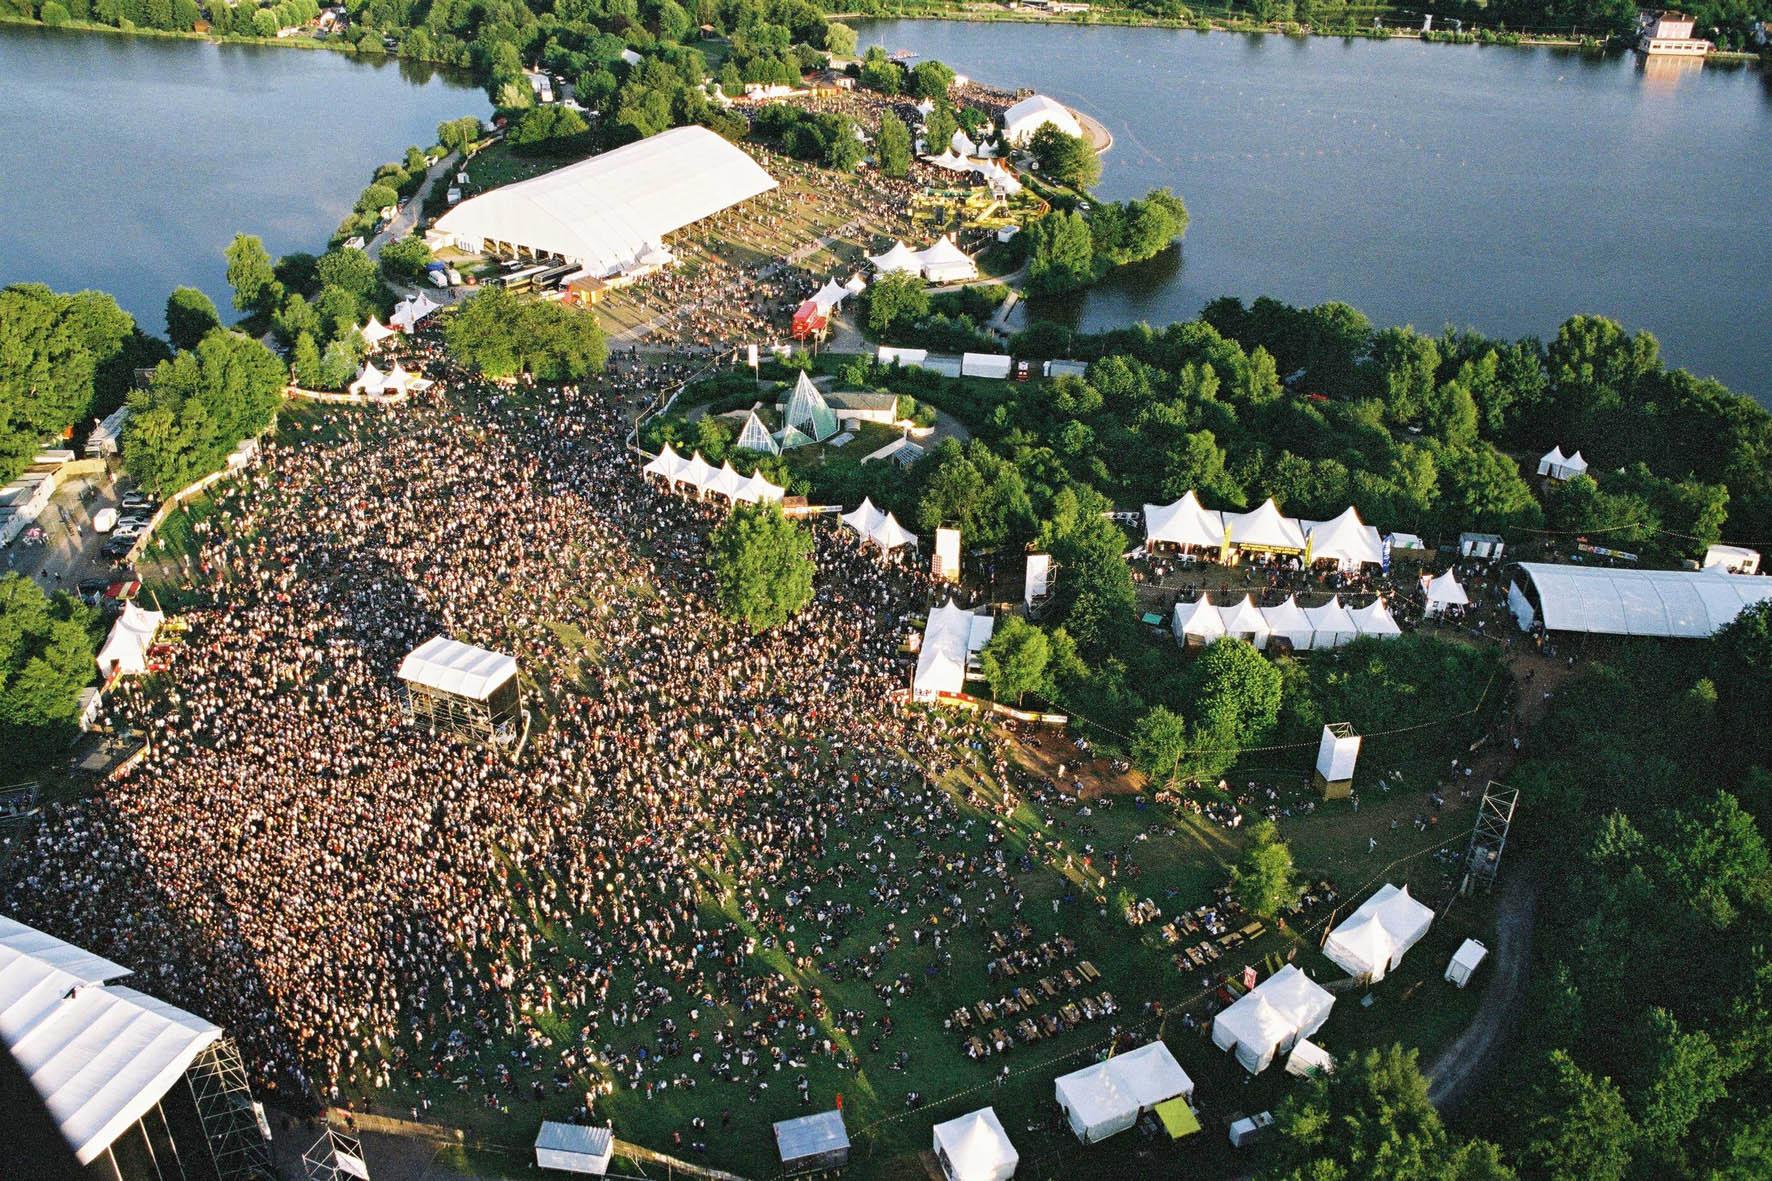 Festival de musique Les-Eurockeennes avec vu panoramique entre les deux étangs